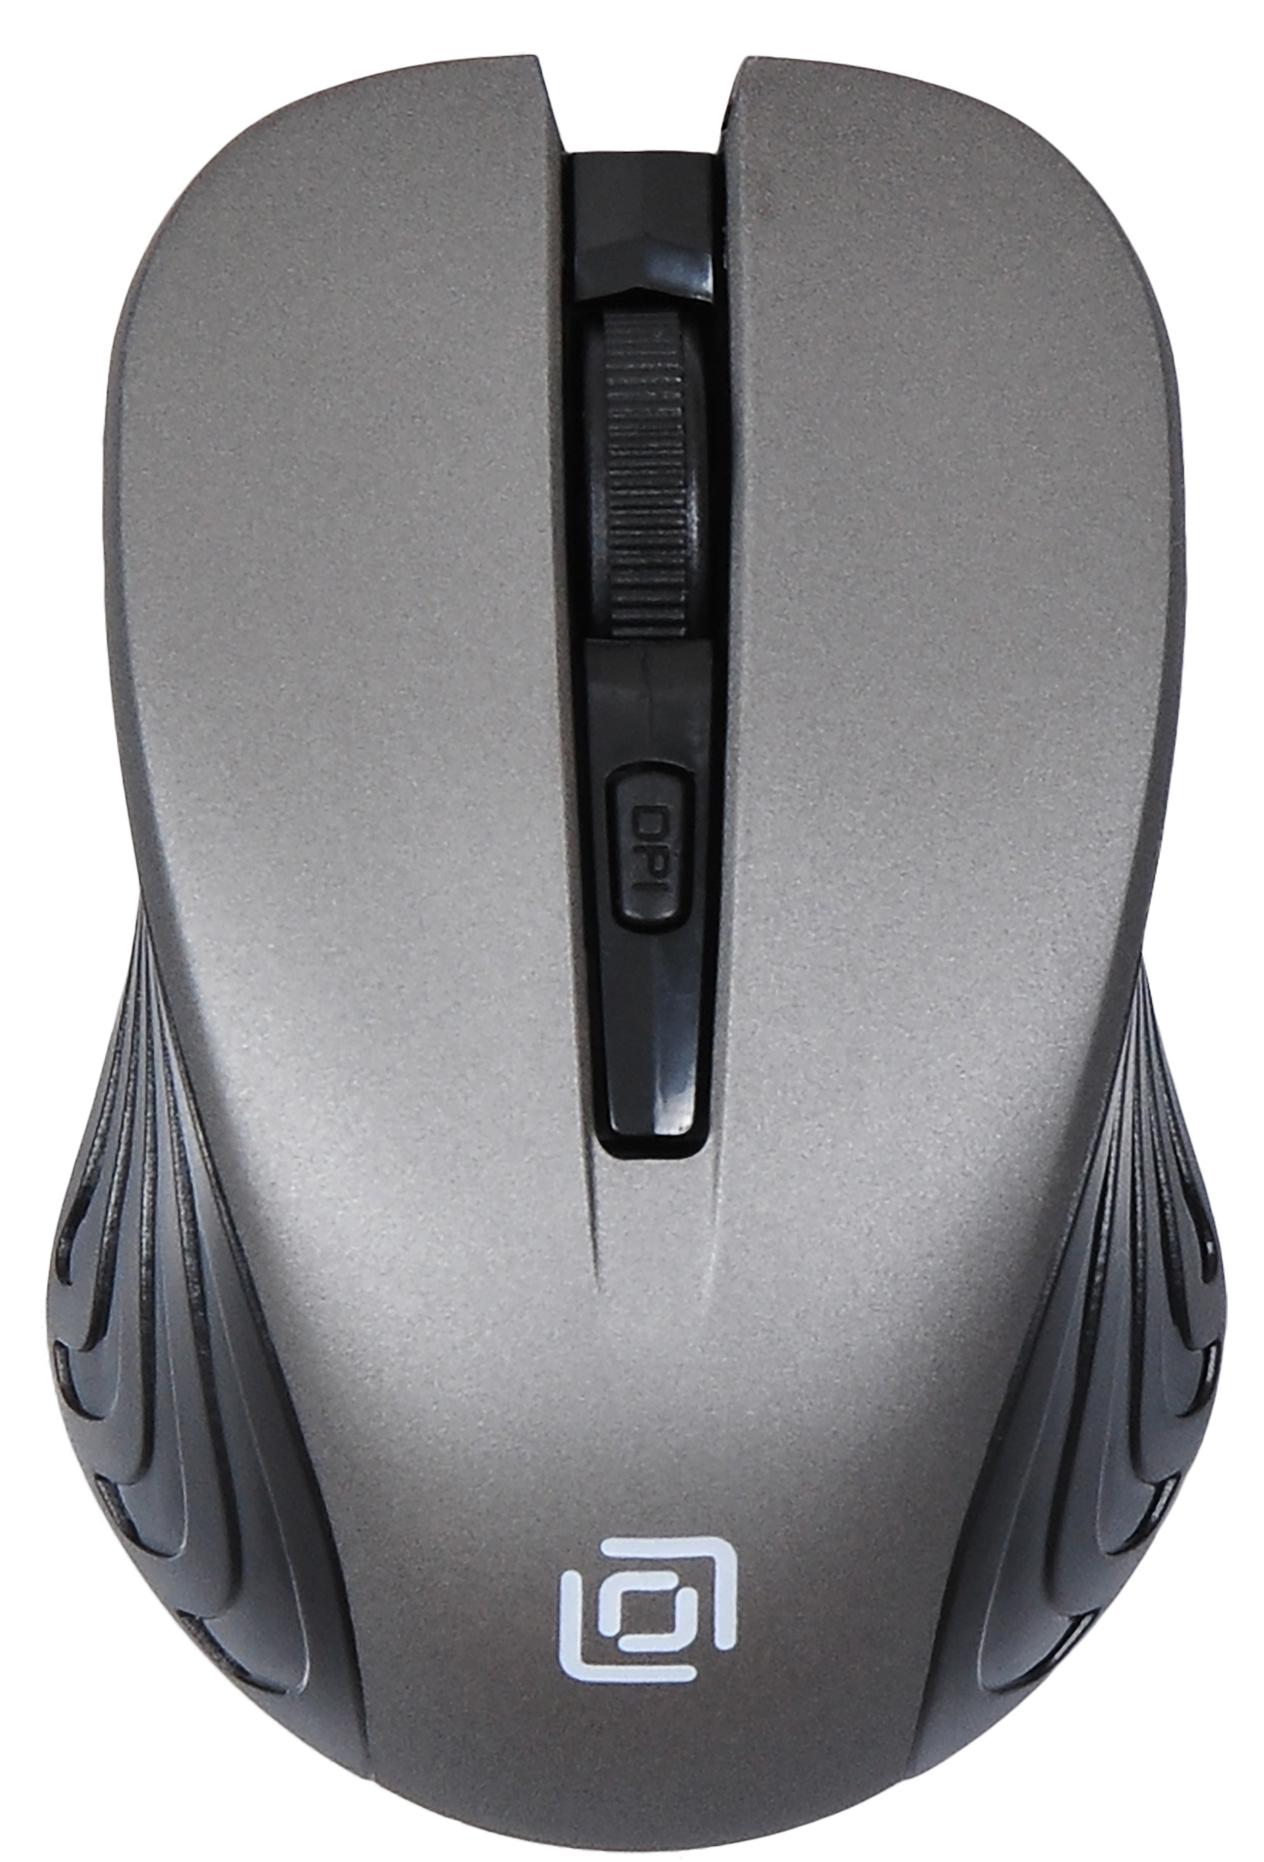 Мышь Oklick 545MW черный/серый оптическая (1600dpi) беспроводная USB (3but)